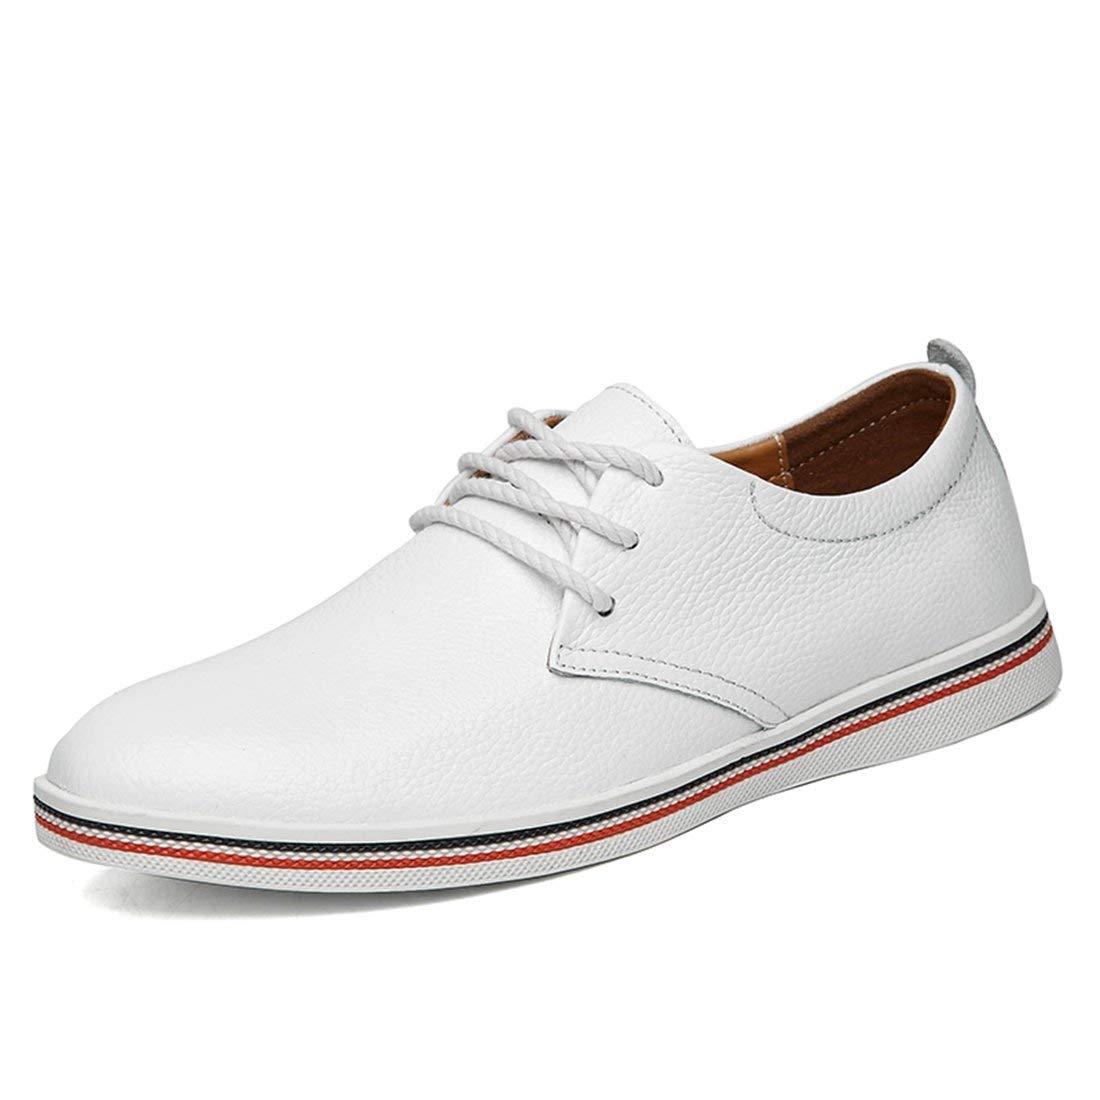 Jungen Herren Oxfords Style Weiß Fashion -, Work Turnschuhe UK 10 (Farbe   -, Fashion Größe   -) 2867ee